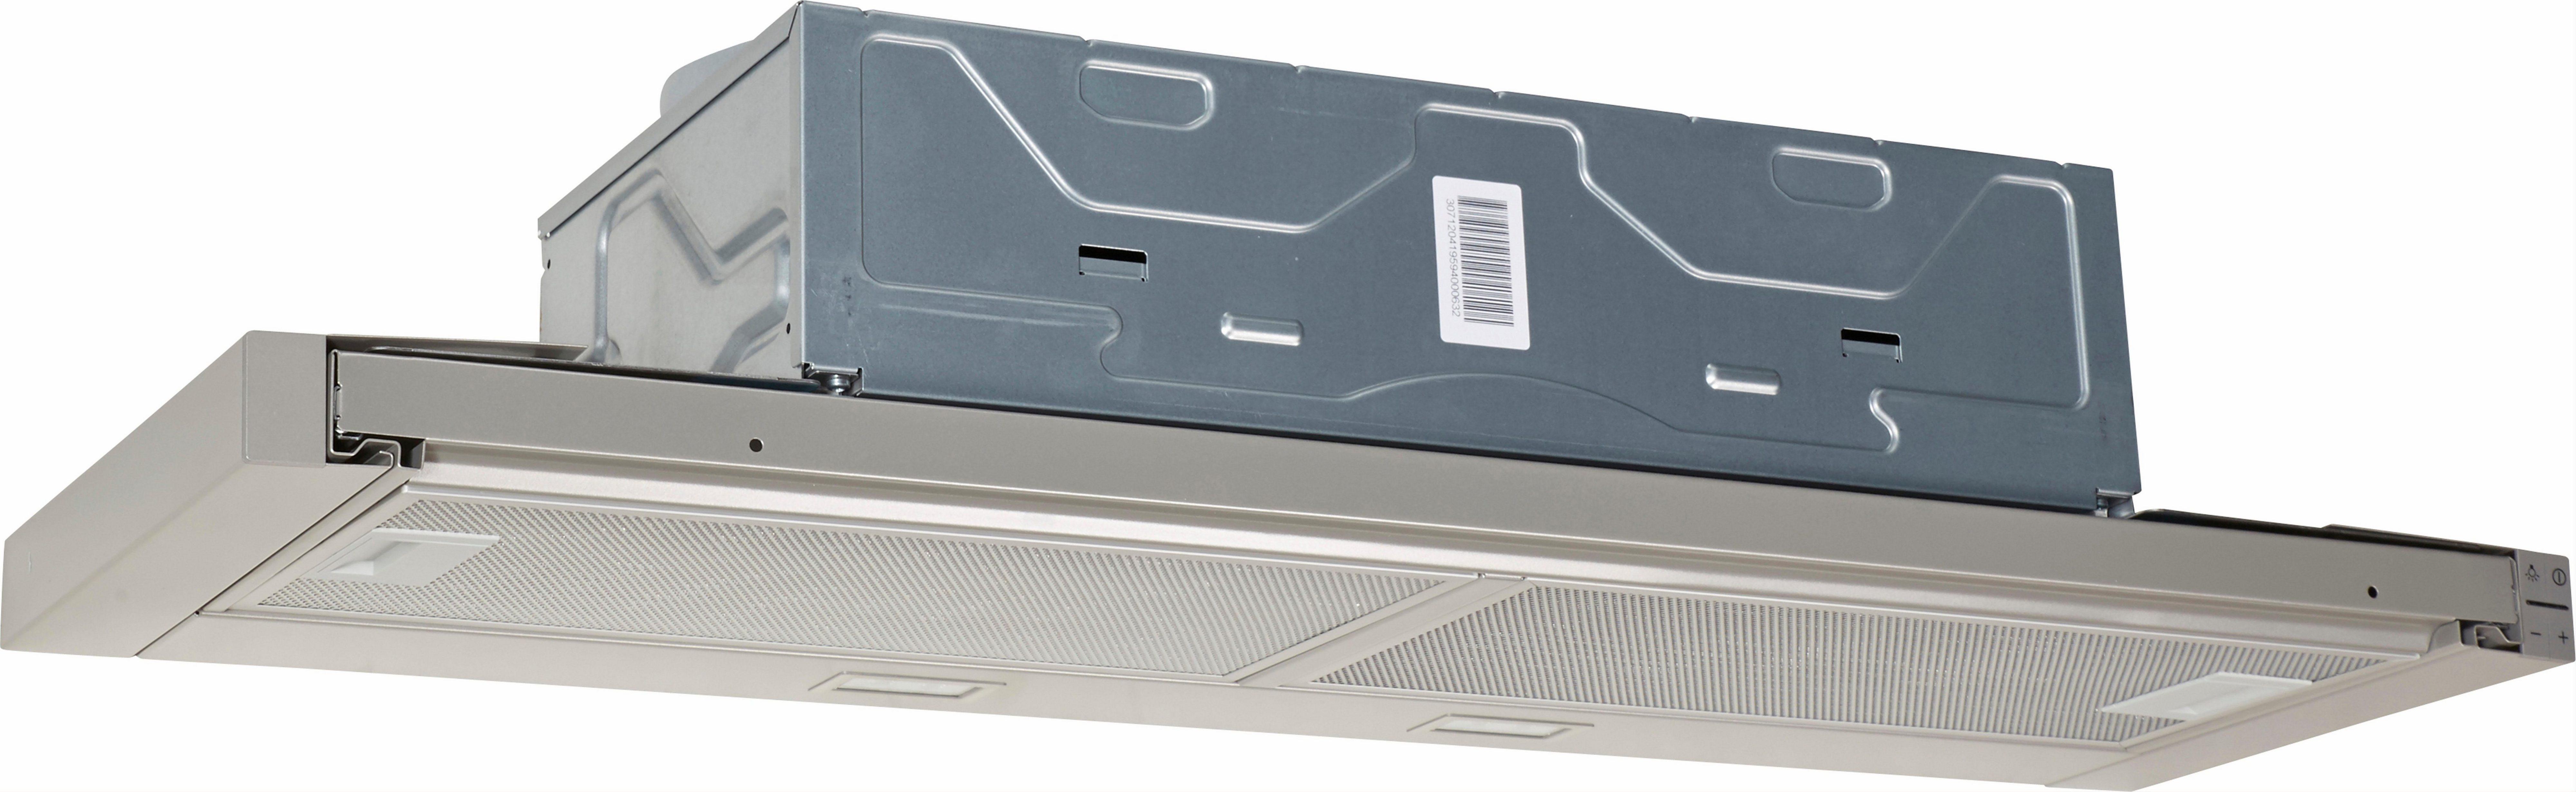 Constructa Flachschirmhaube CD30975